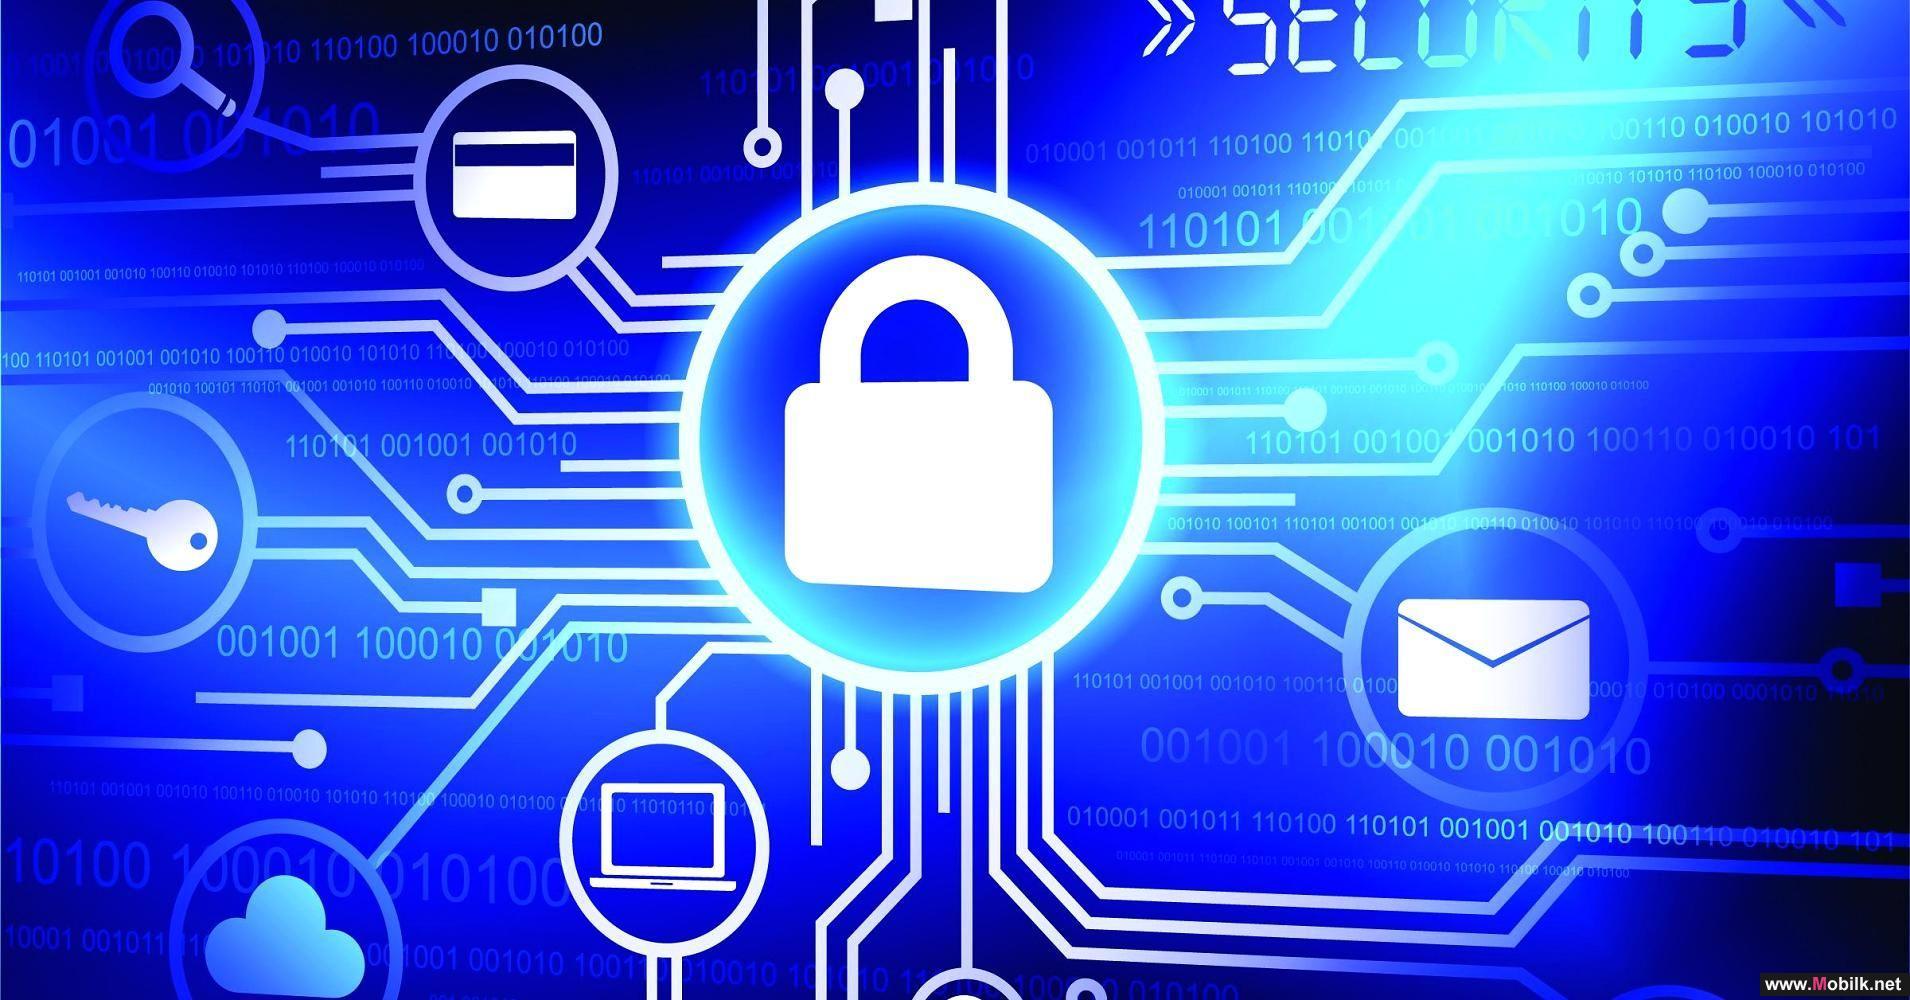 عاجل: بالو ألتو نتوركس تكشف عن برمجية خبيثة تتجسس على أكثر من 40 تطبيق على نظام أندرويد